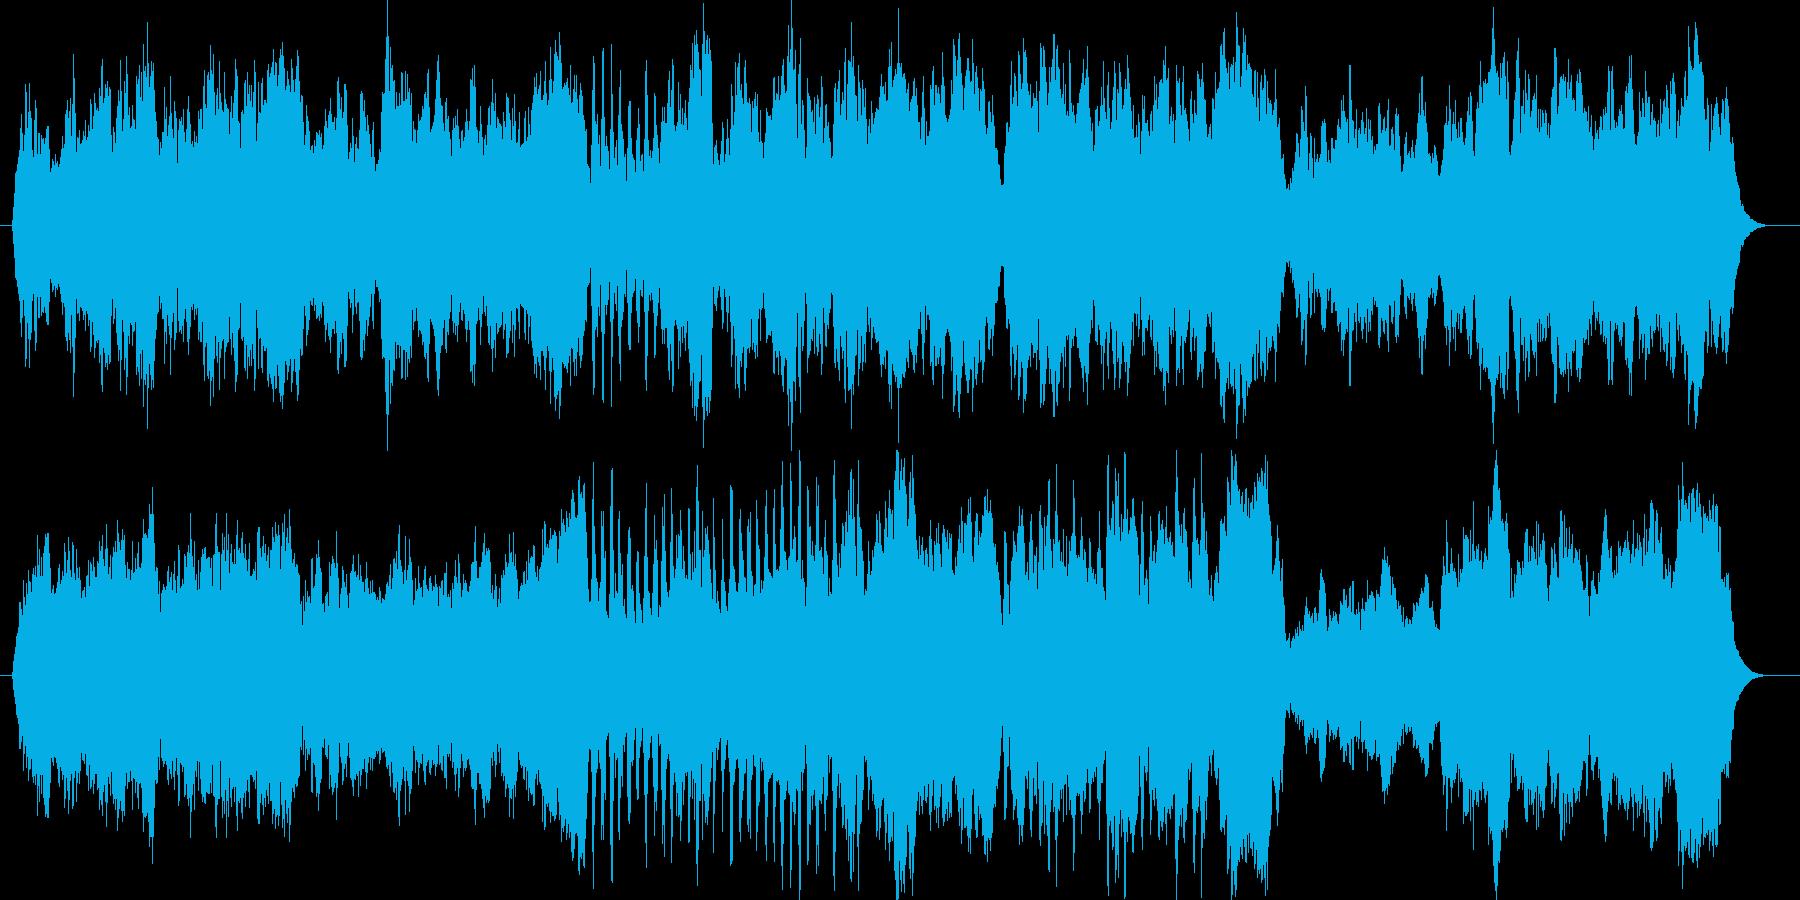 安心感を与えられるようなストリングス曲の再生済みの波形